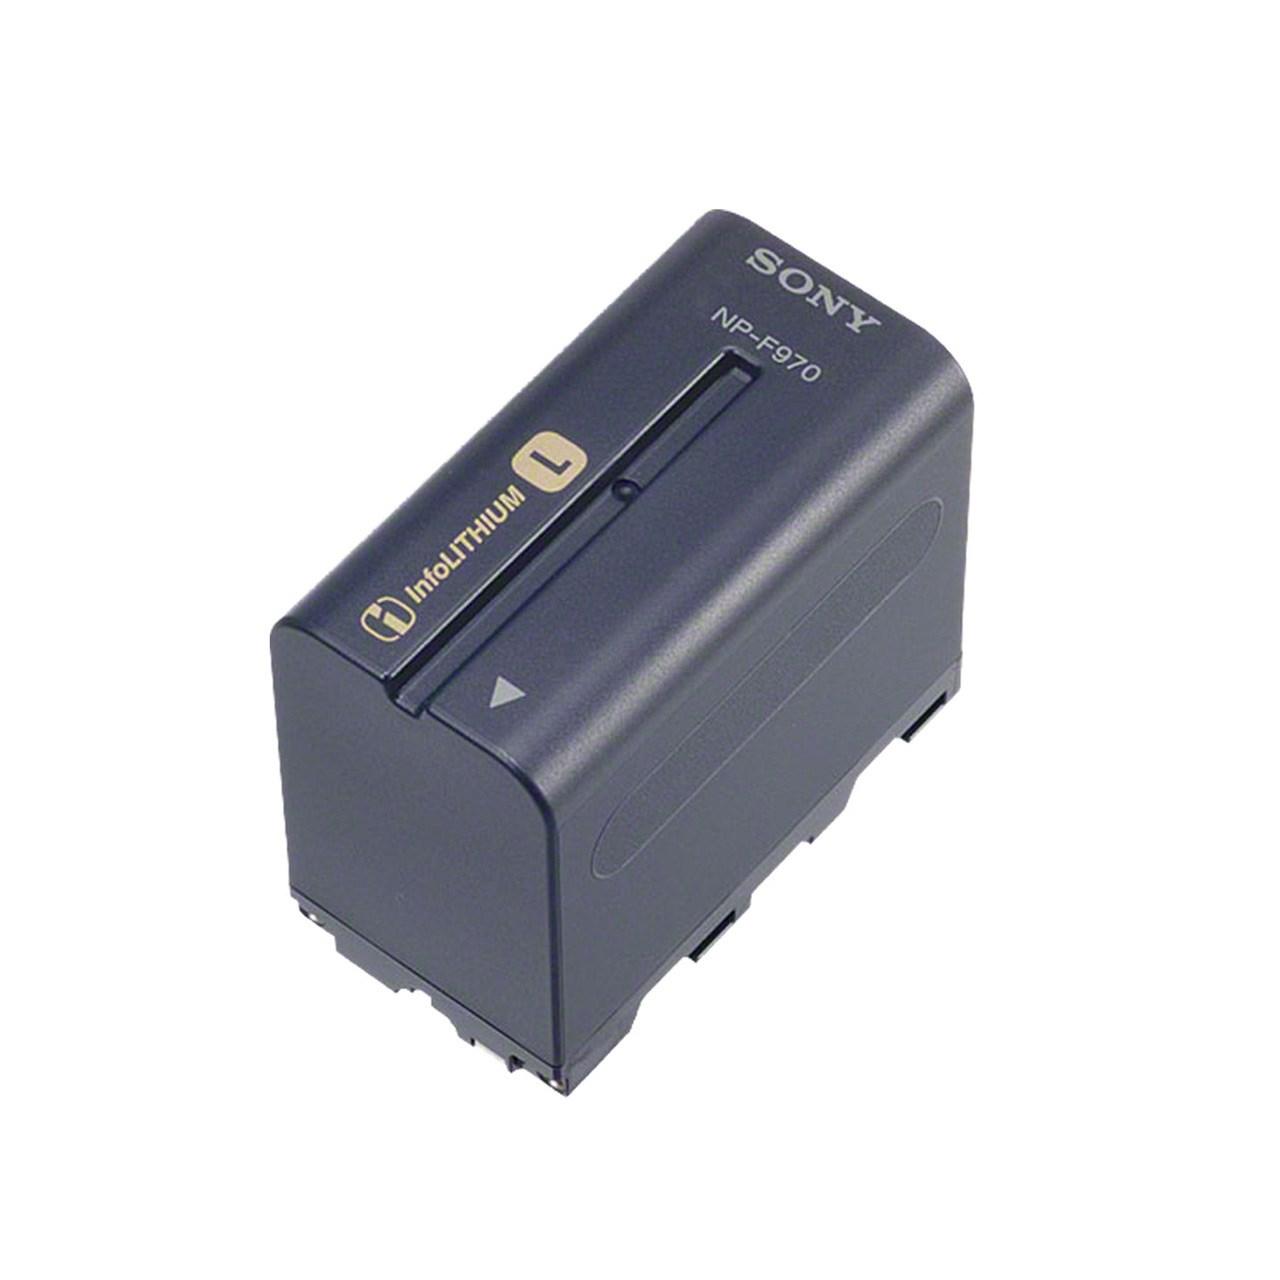 باتری دوربین سونی مدل NP-F970